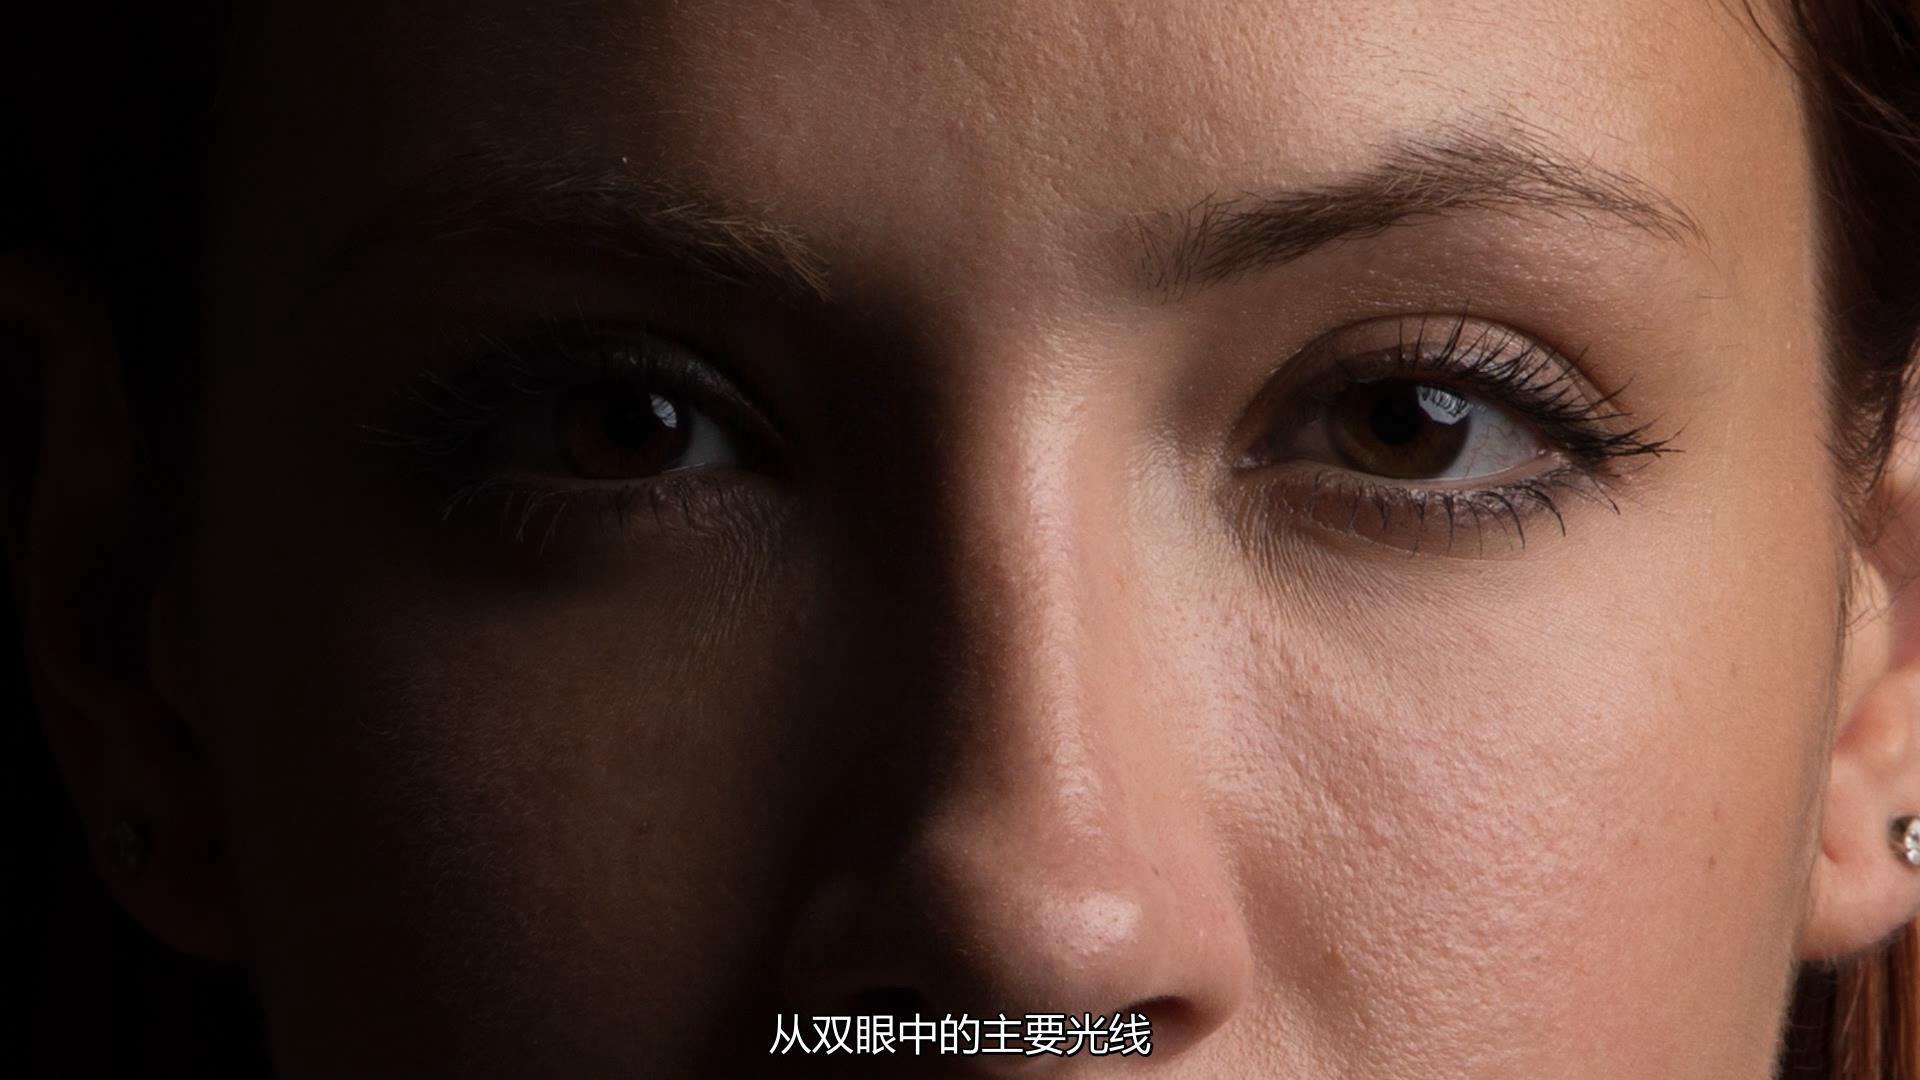 摄影教程_Lindsay Adler为期10周的工作室棚拍布光大师班教程-中文字幕 摄影教程 _预览图10